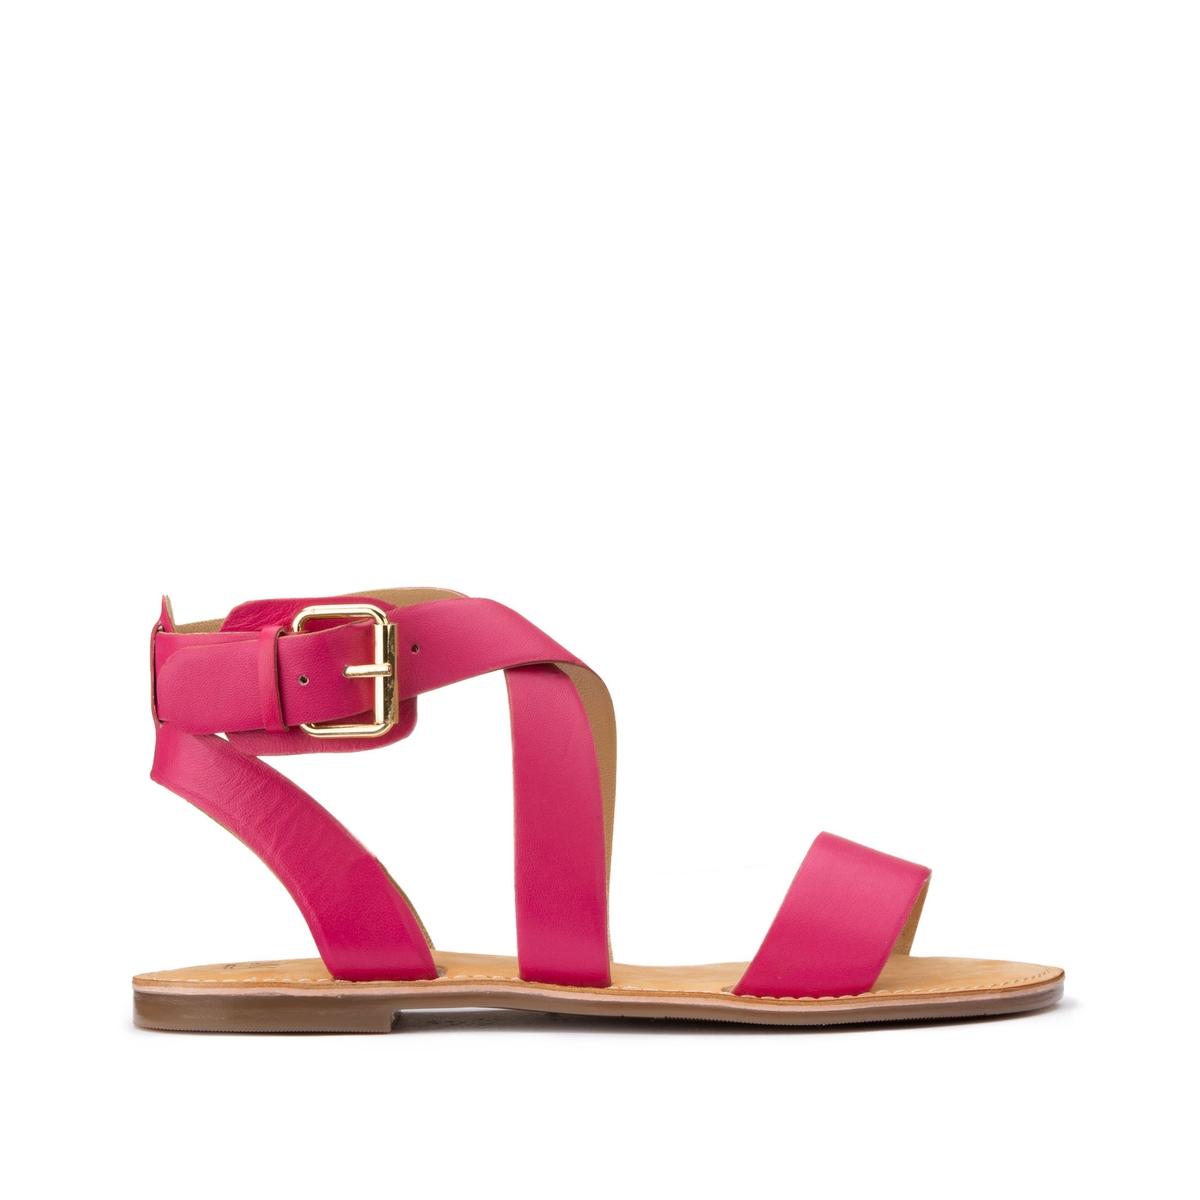 Босоножки La Redoute Кожаные с перекрещивающимися ремешками на плоском каблуке 41 розовый